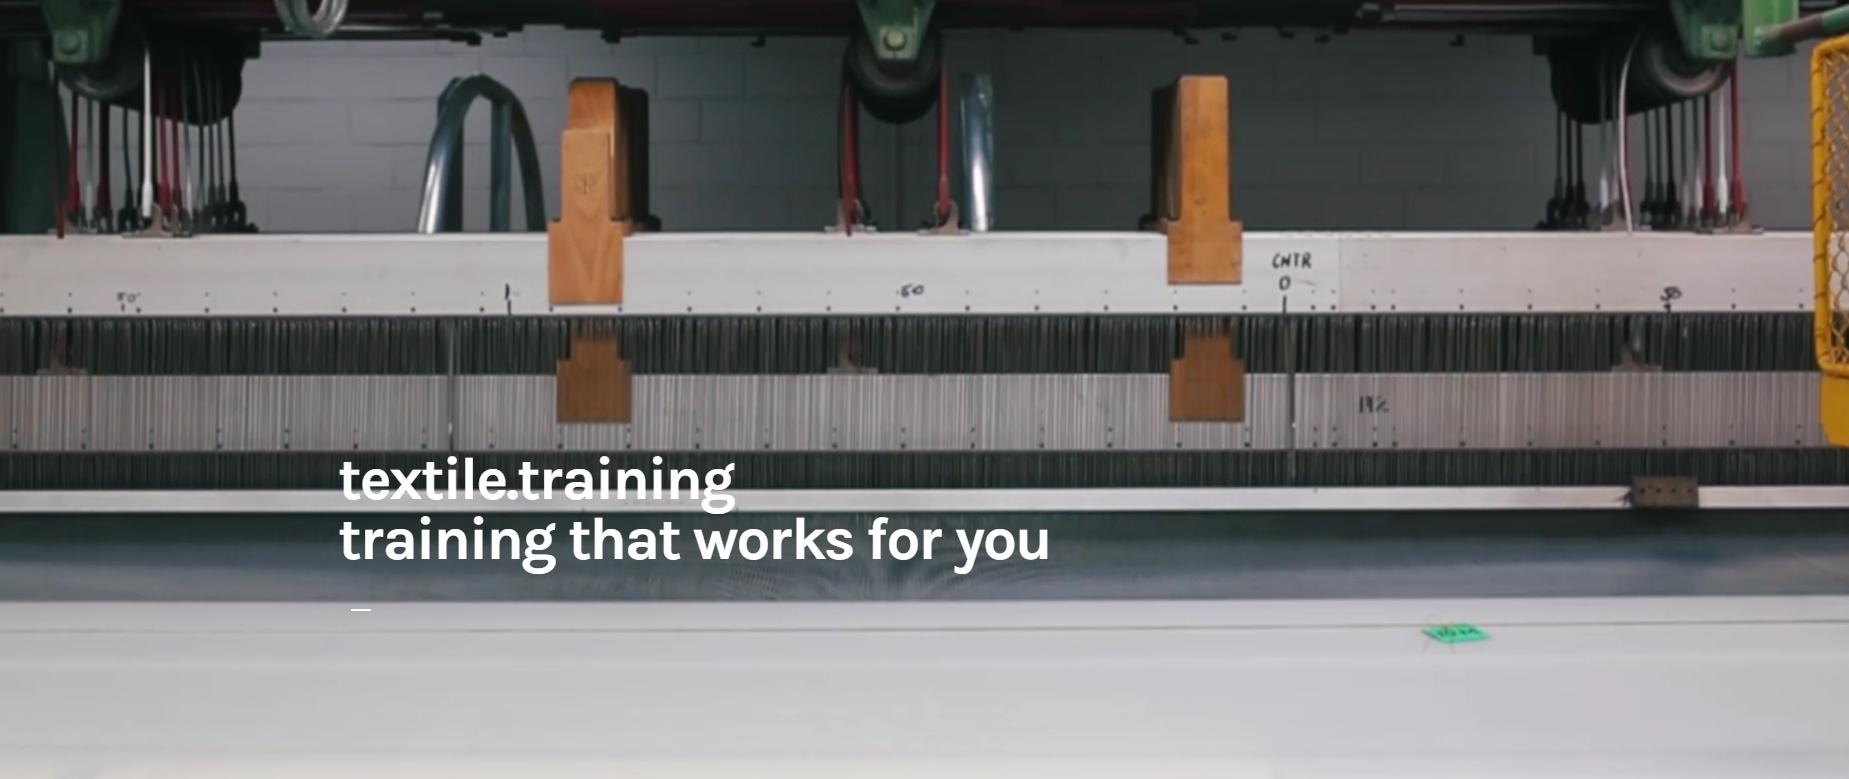 textile-training-image-1.jpg